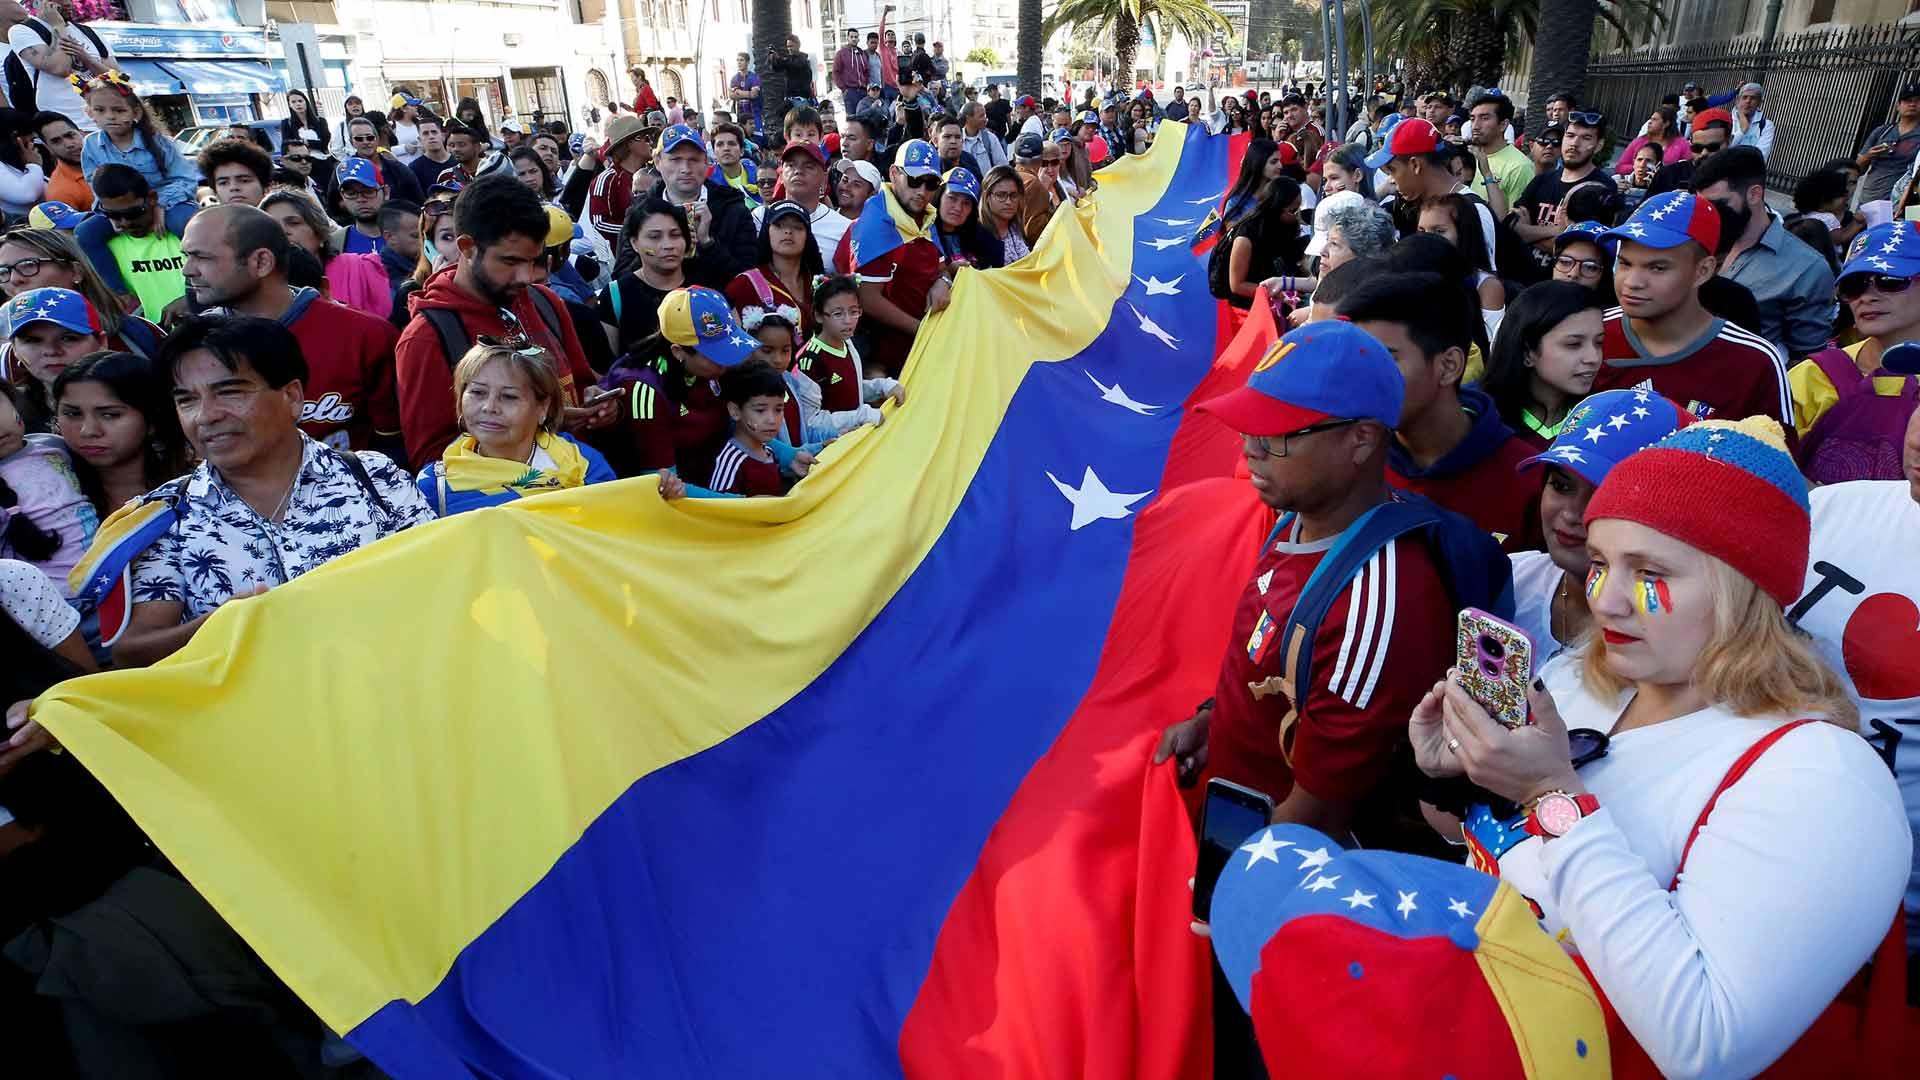 What happens next in Venezuela's political crisis